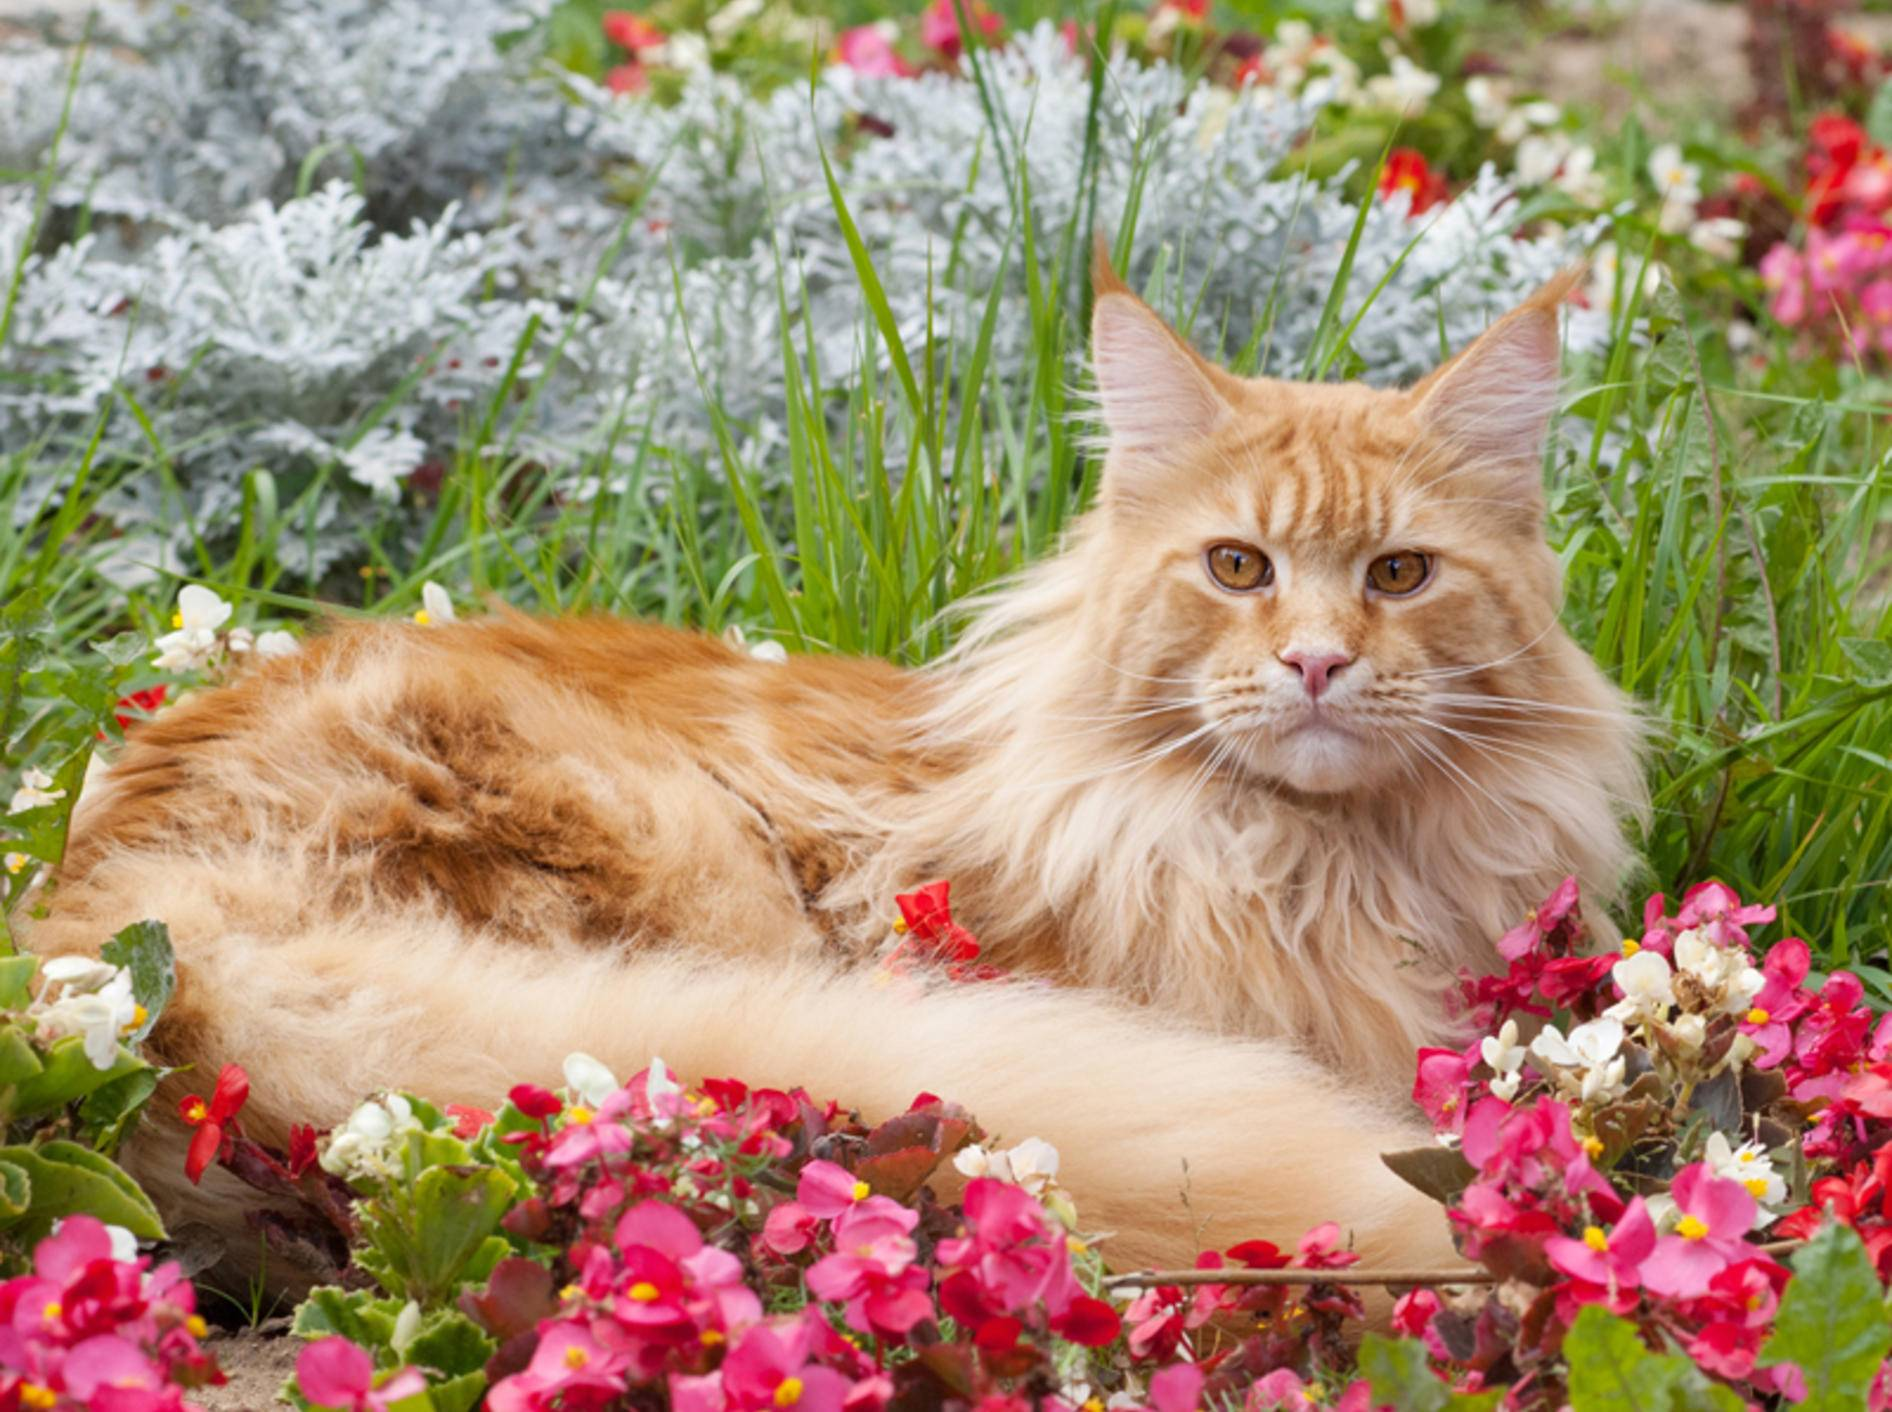 Diese wunderschöne Maine-Coon-Katze fühlt sich im Garten richtig wohl – Shutterstock / Mitrofanov Alexander